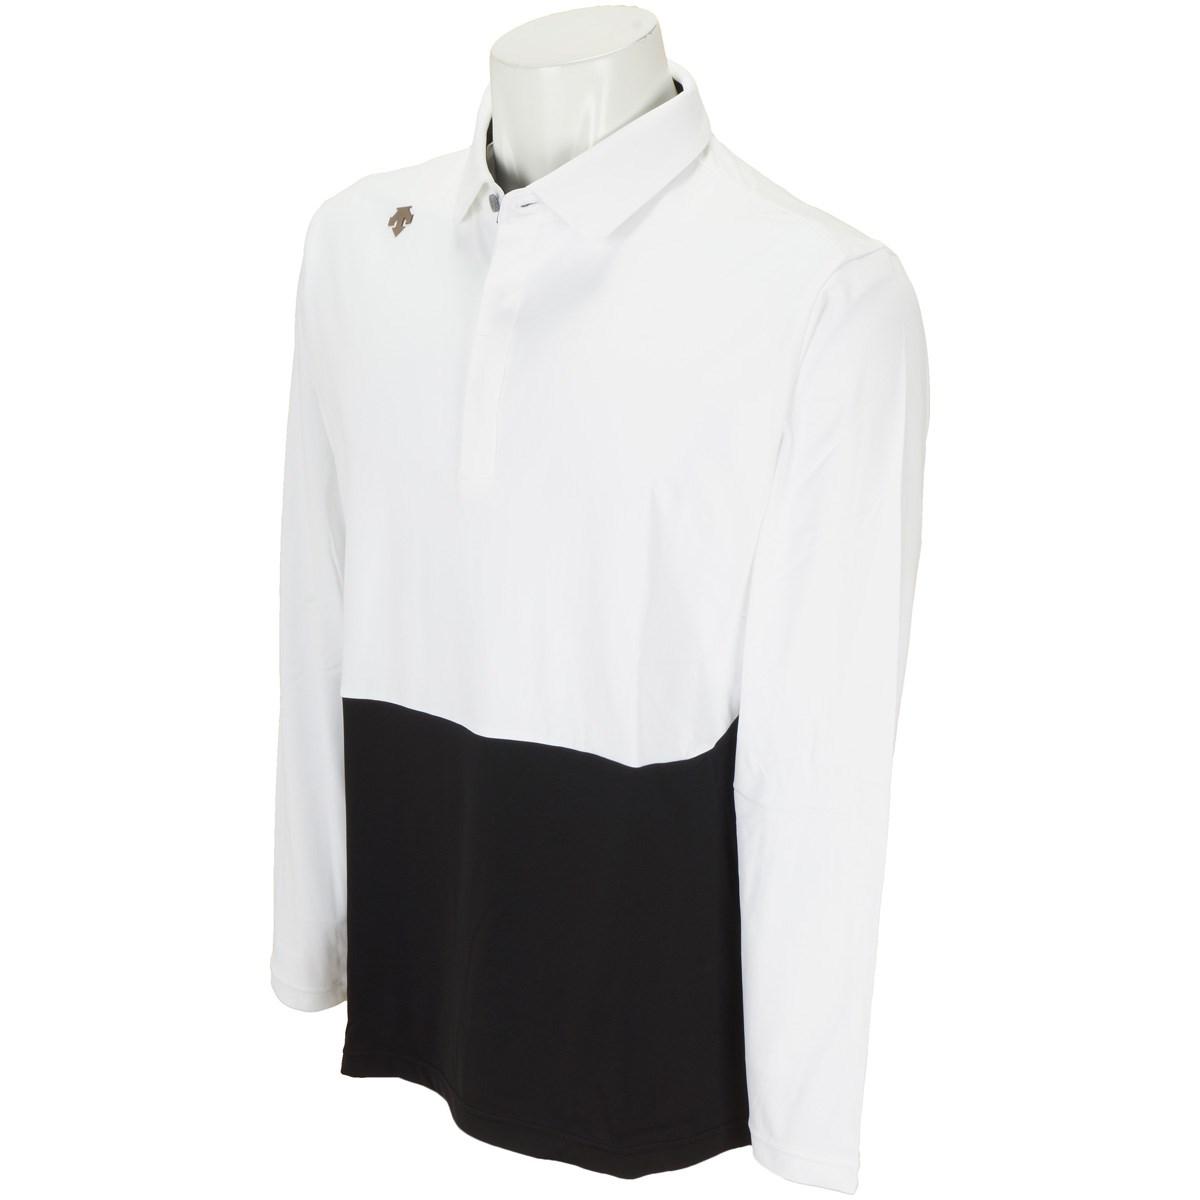 デサントゴルフ(DESCENTE GOLF) ストレッチ 長袖ポロシャツ